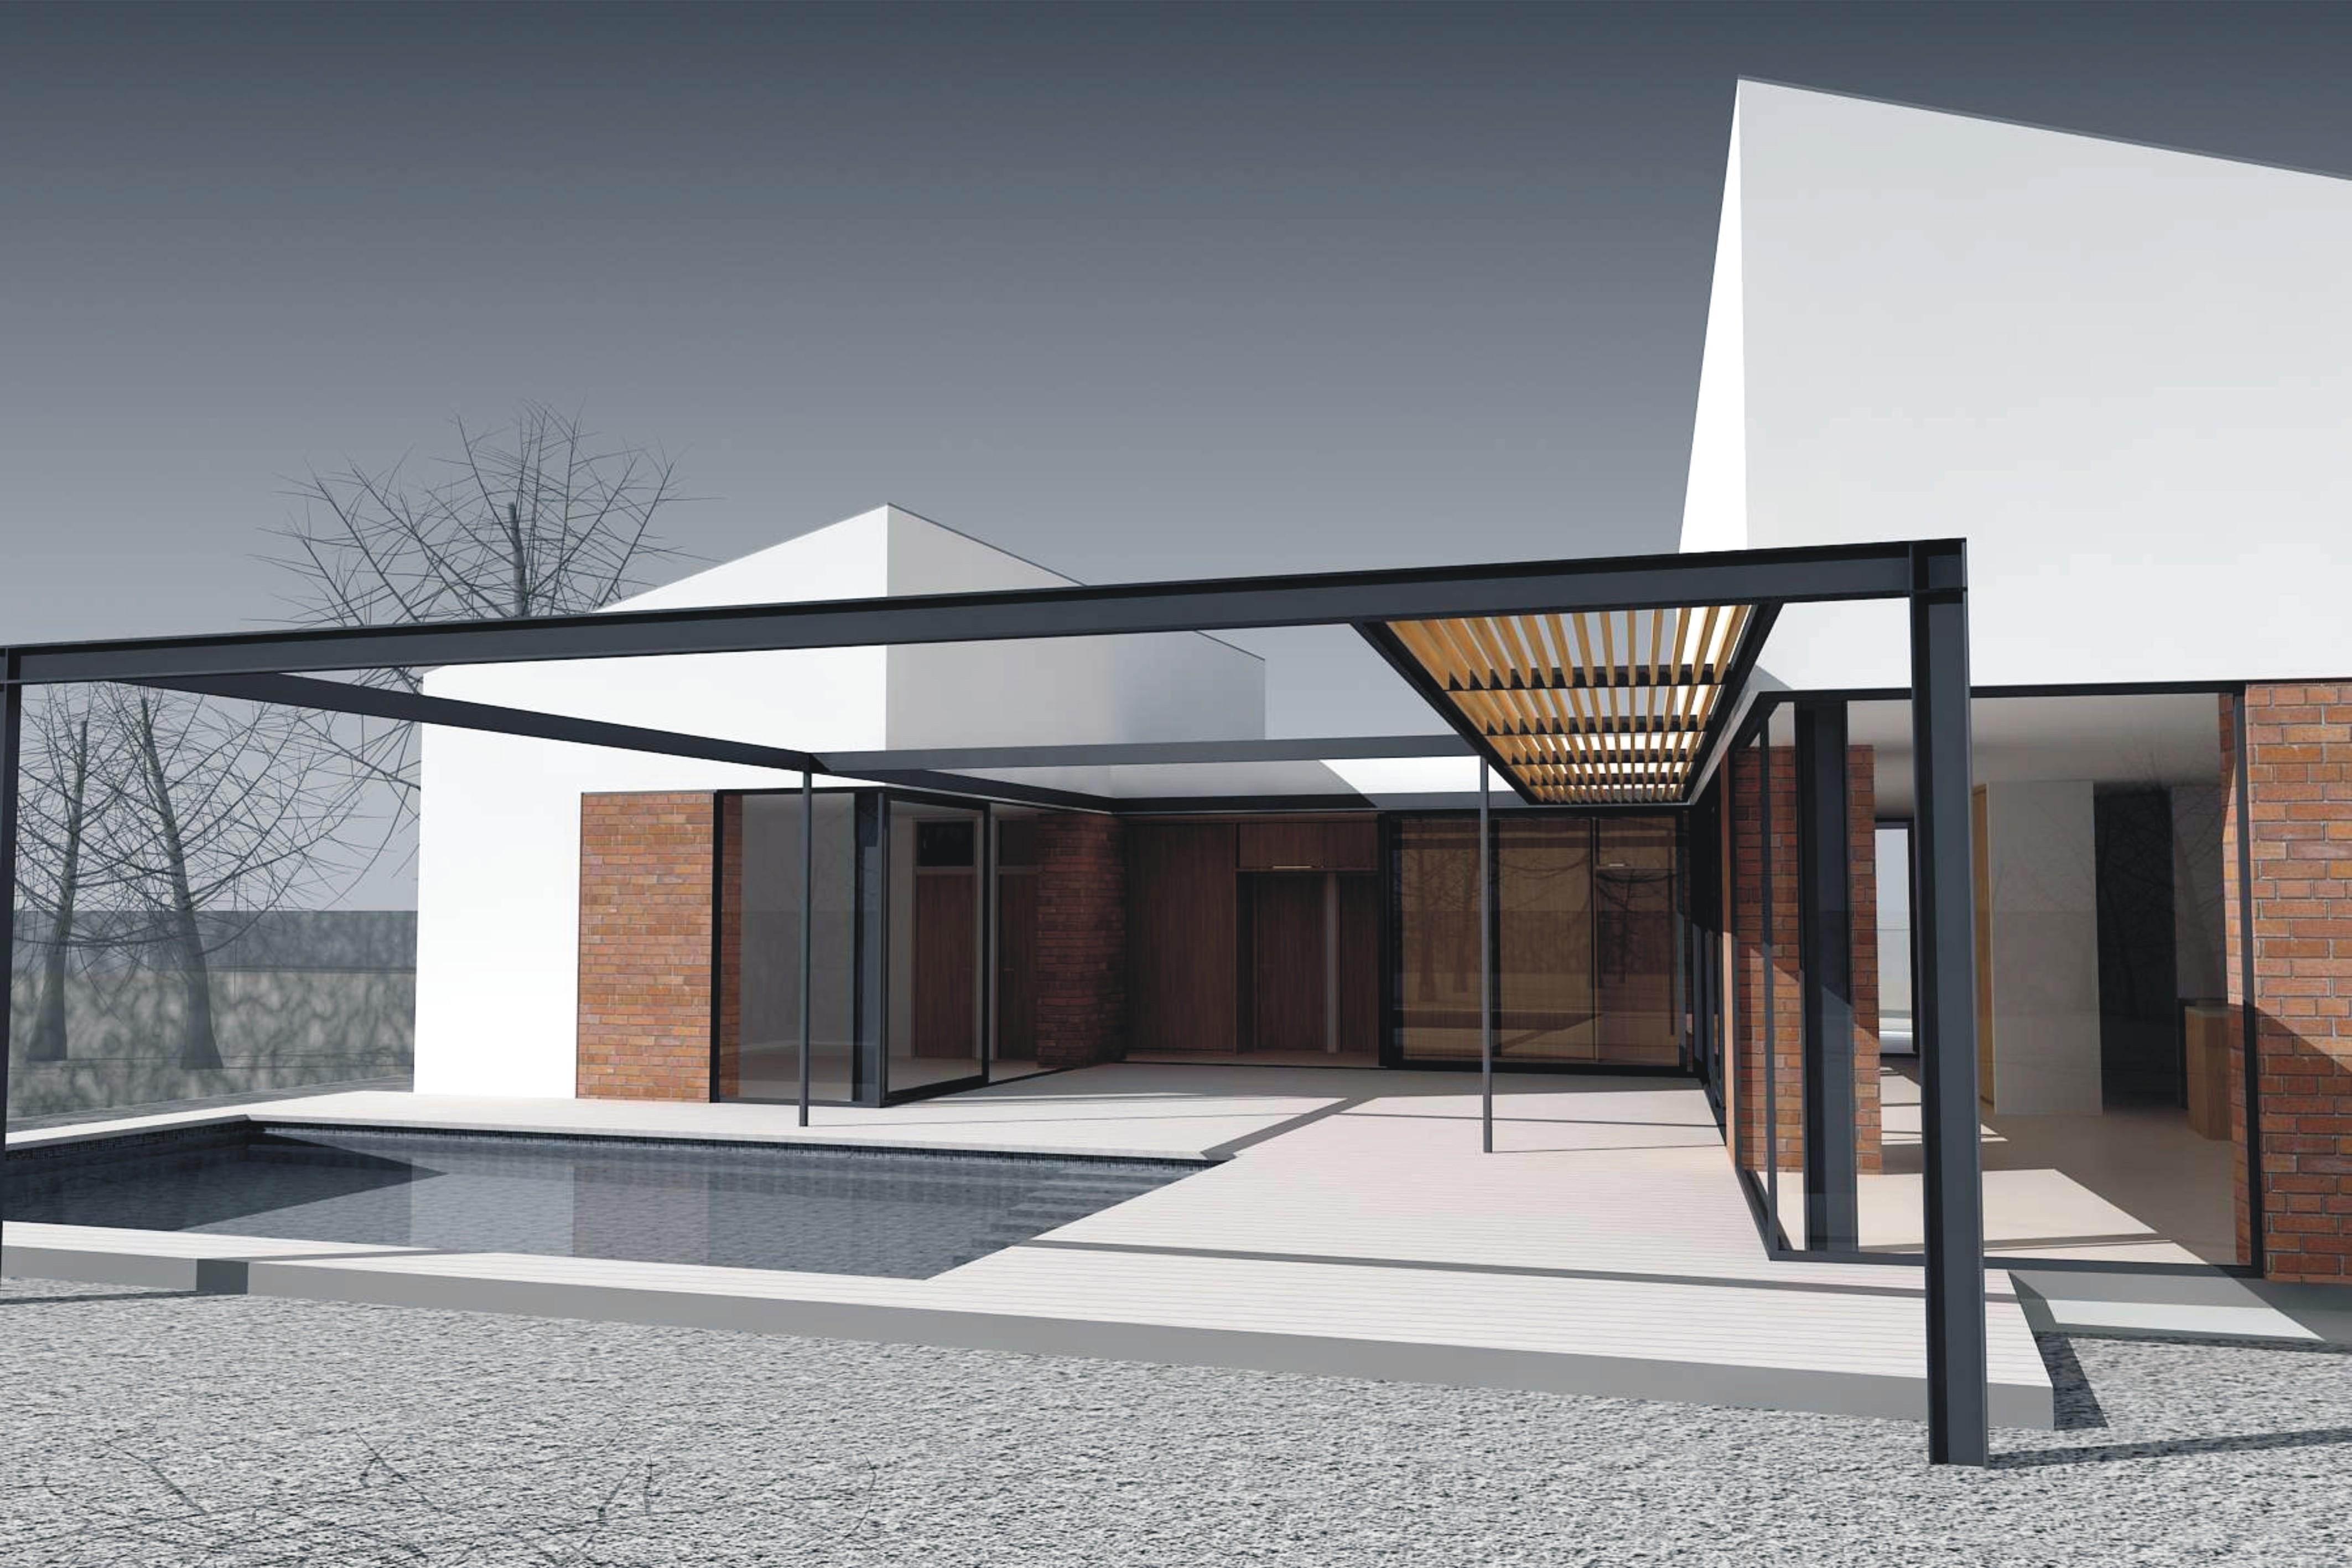 Projekt stavby rodinného domu IX 06